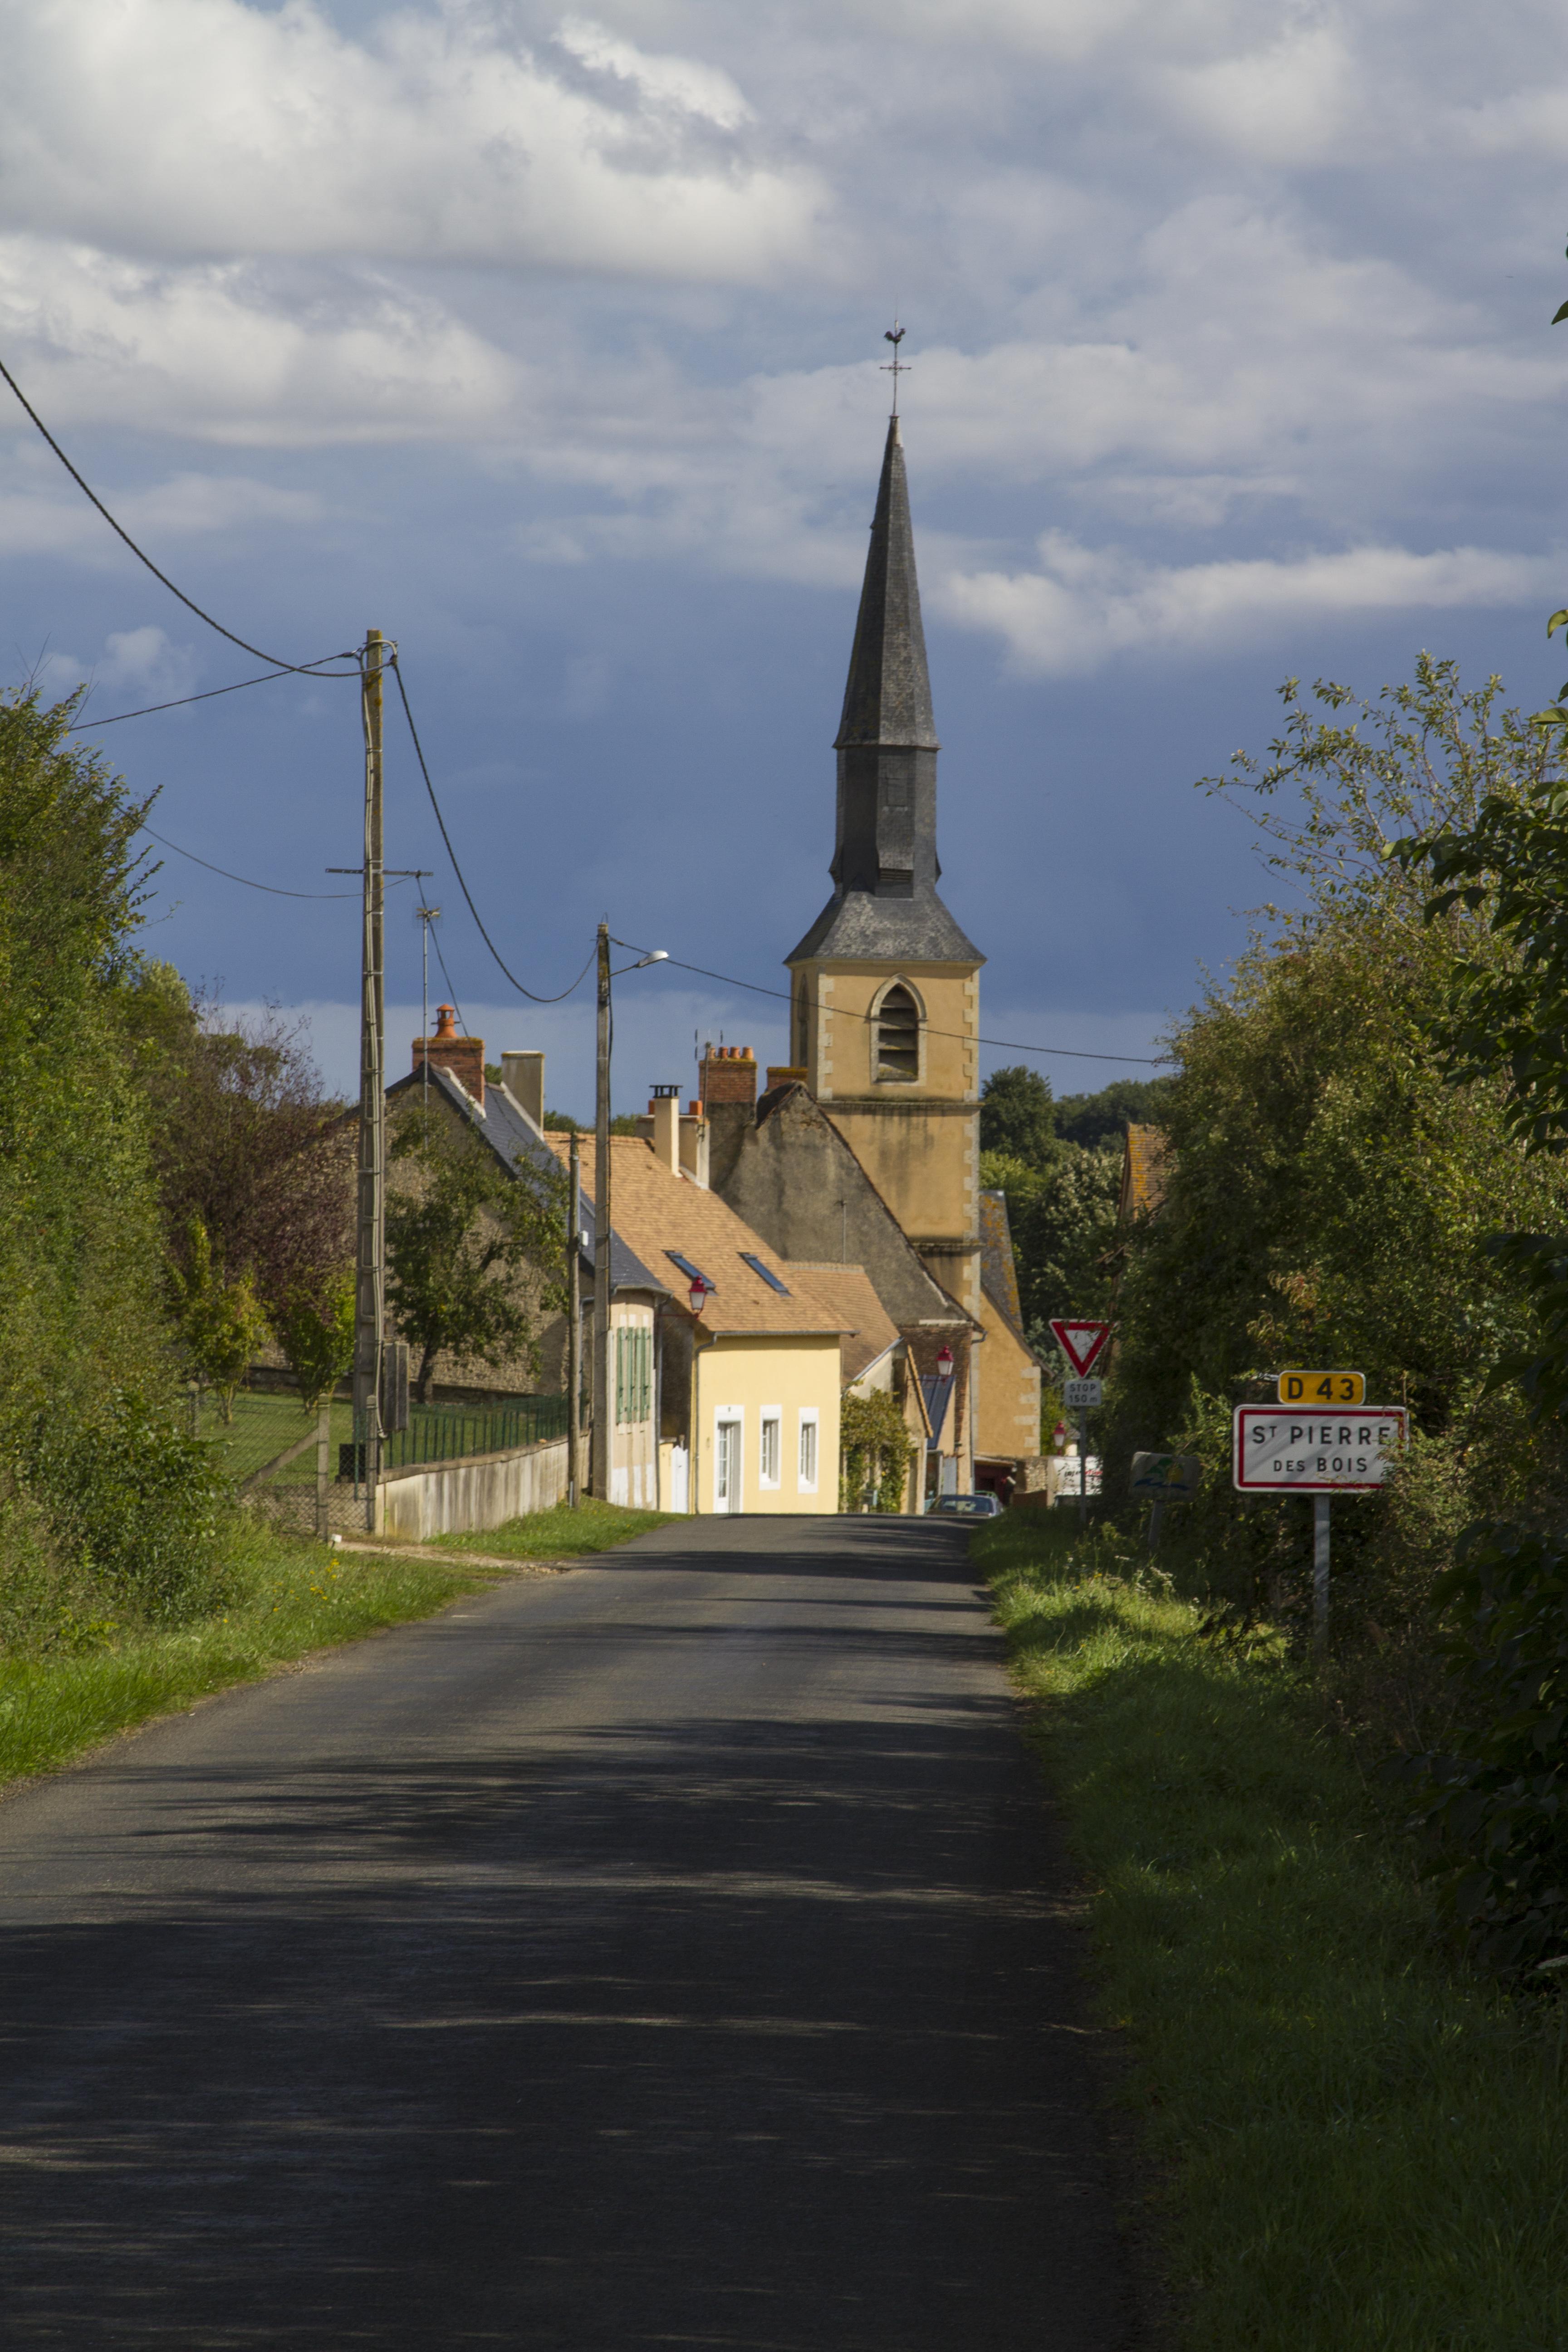 Saint-Pierre-des-Bois